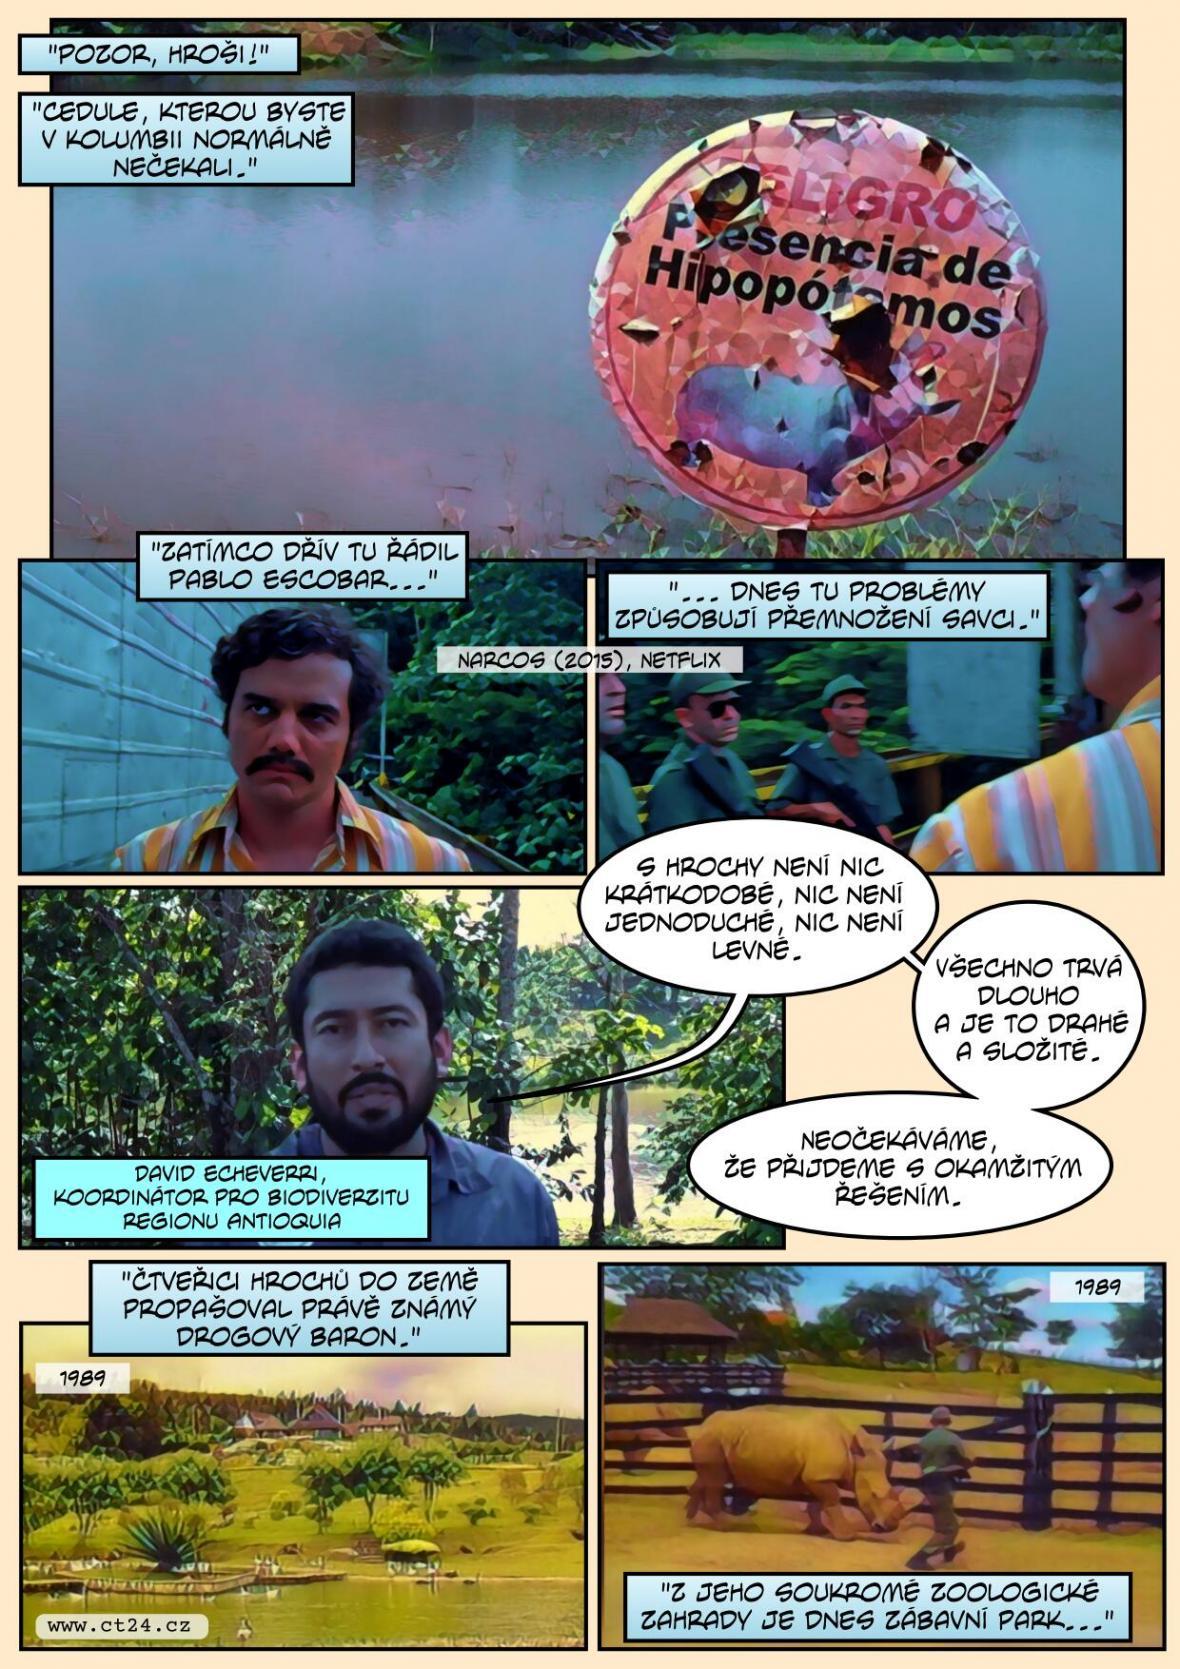 V Kolumbii se přemnožili Escobarovy hroš